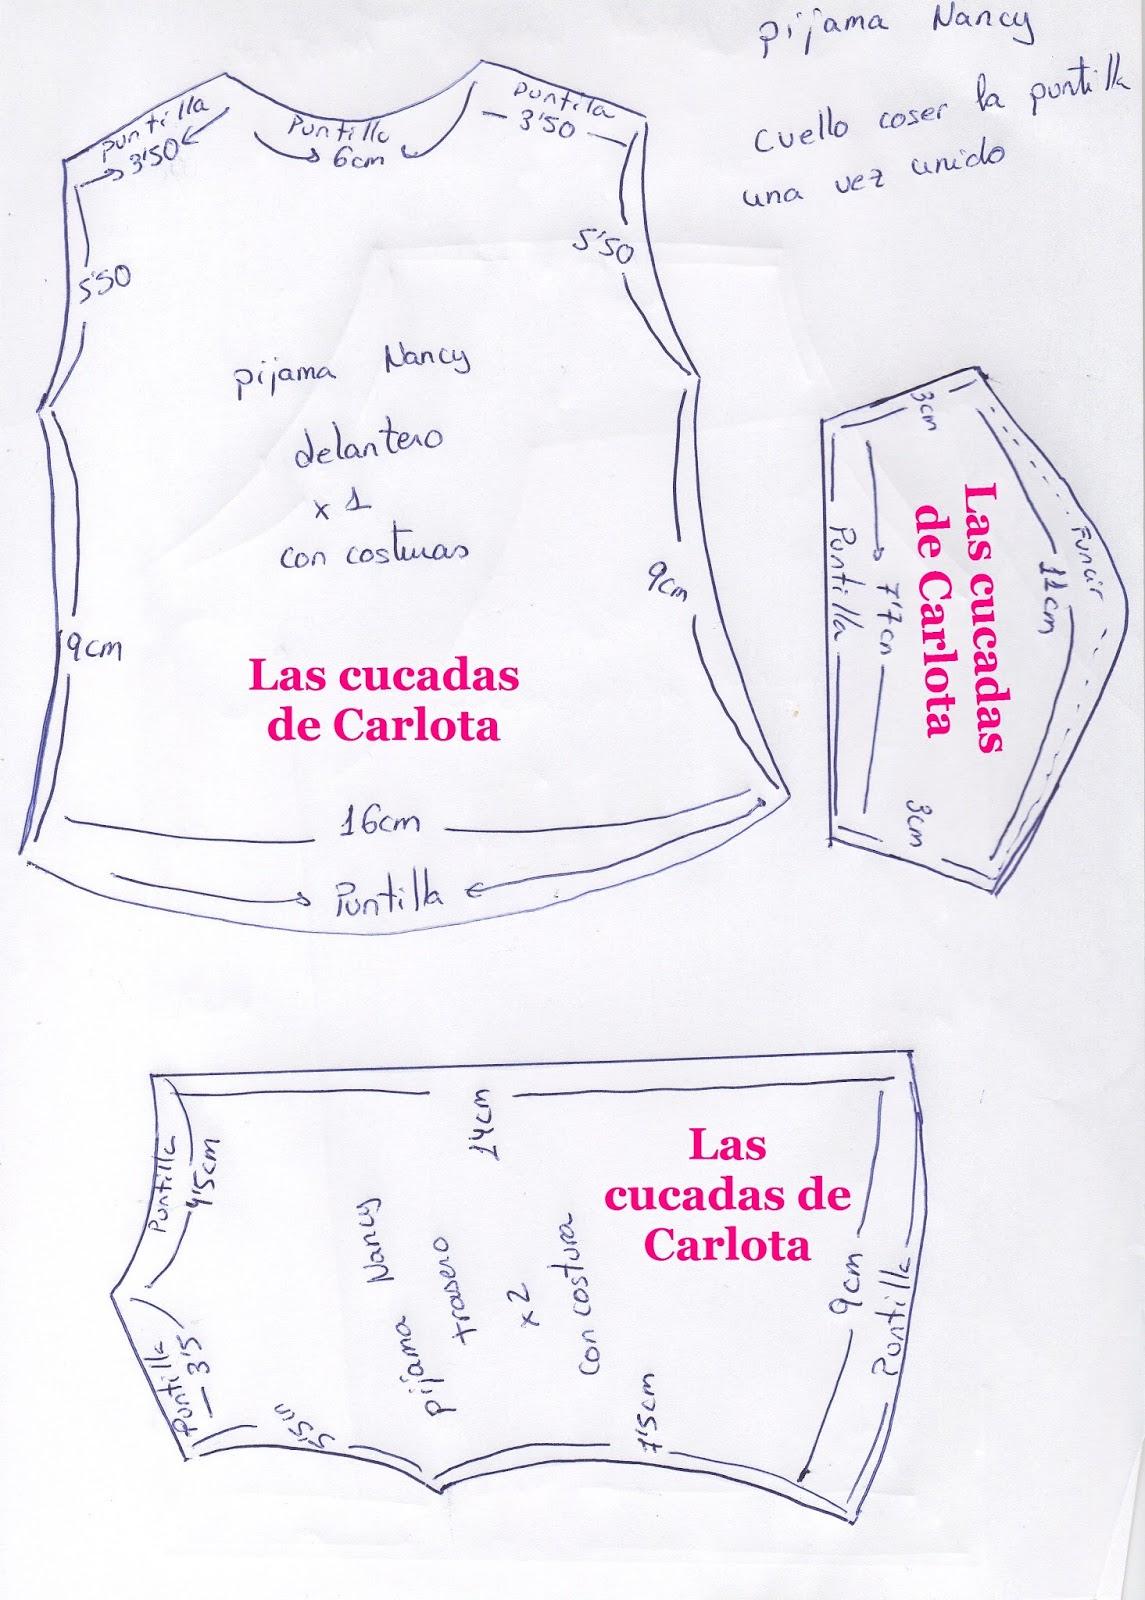 Las cucadas de Carlota y sus muñecas: Patrón pijama largo Nancy